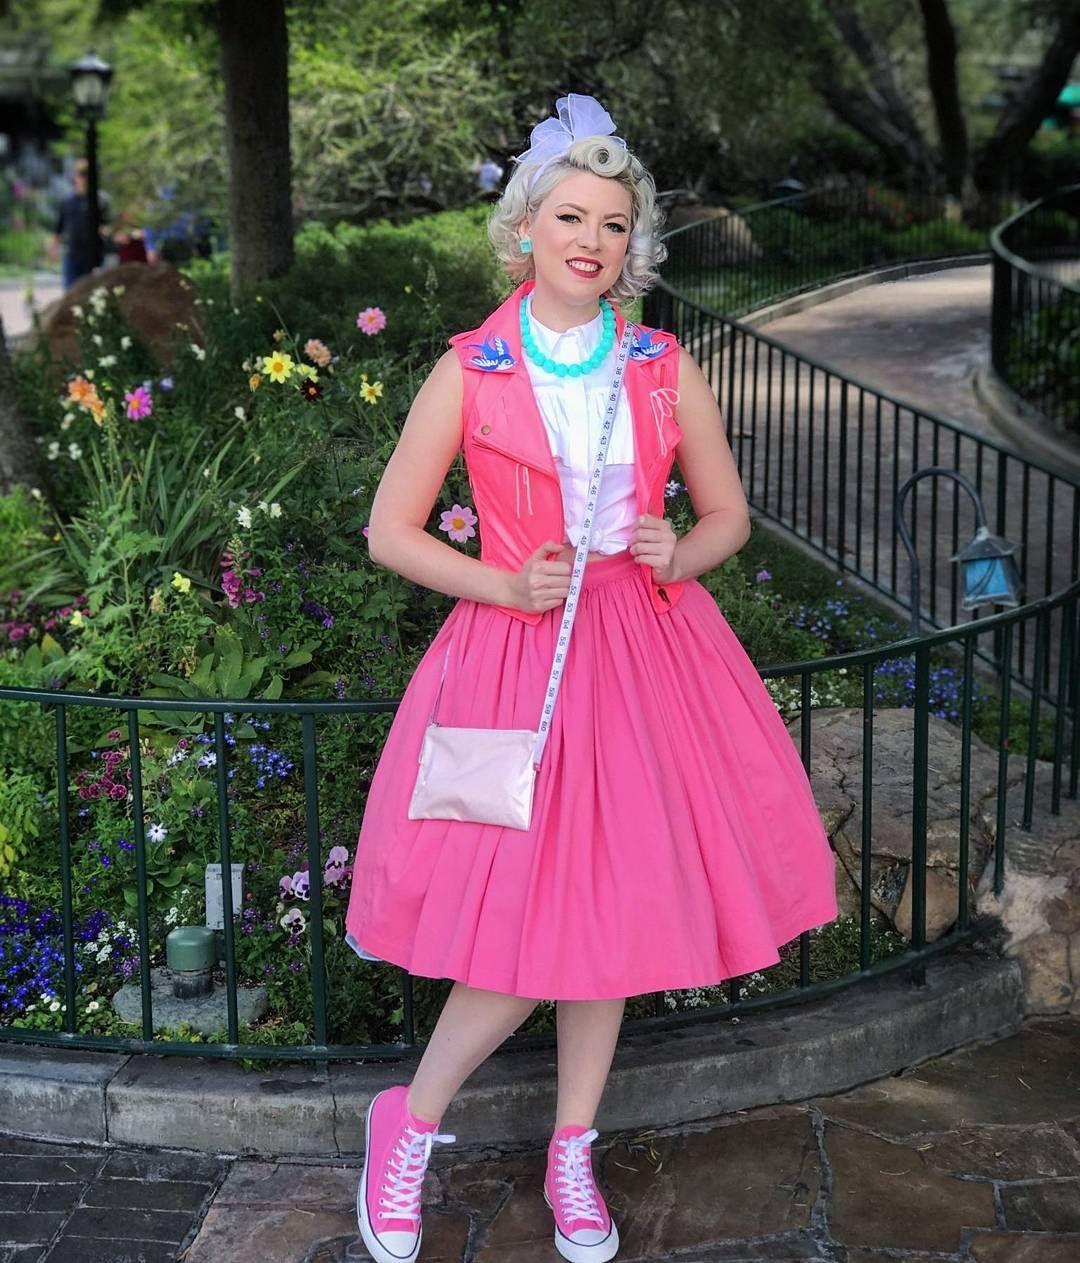 Disney Friendship Dress Cinderella: Pink Dress Cinderella Dapper Rockabilly Disneybound At